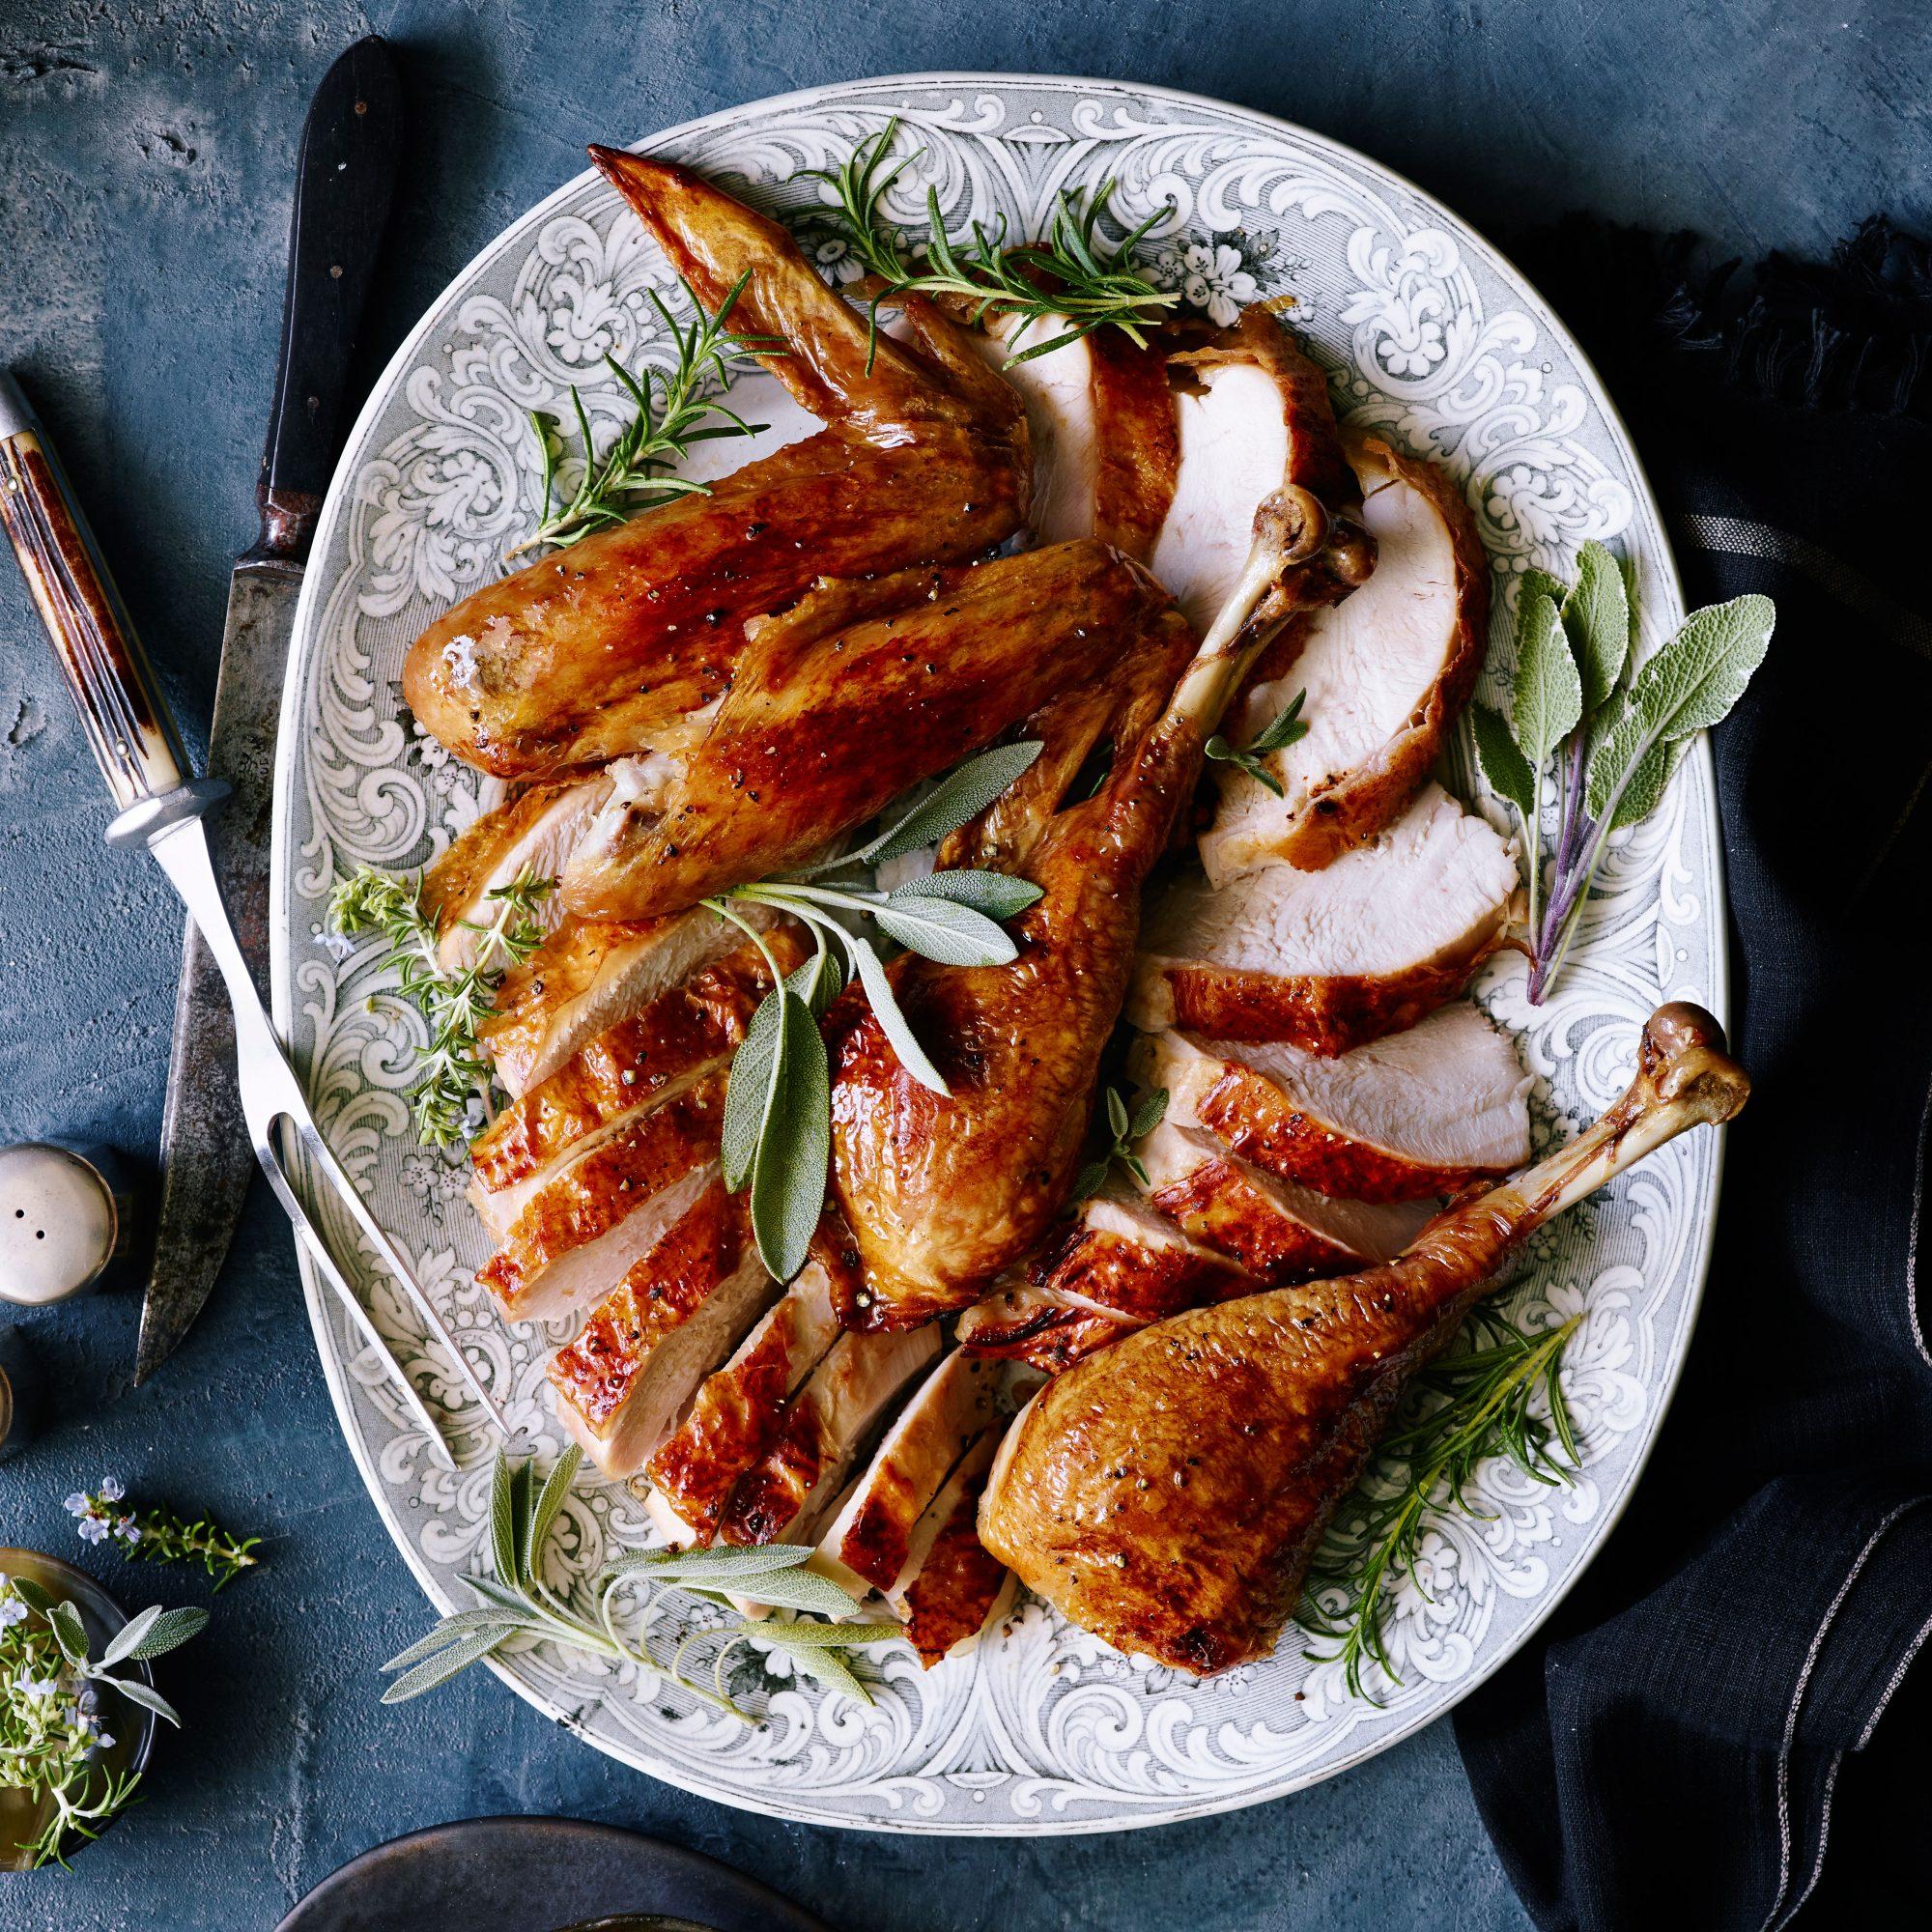 Grilled Butterflied Turkey